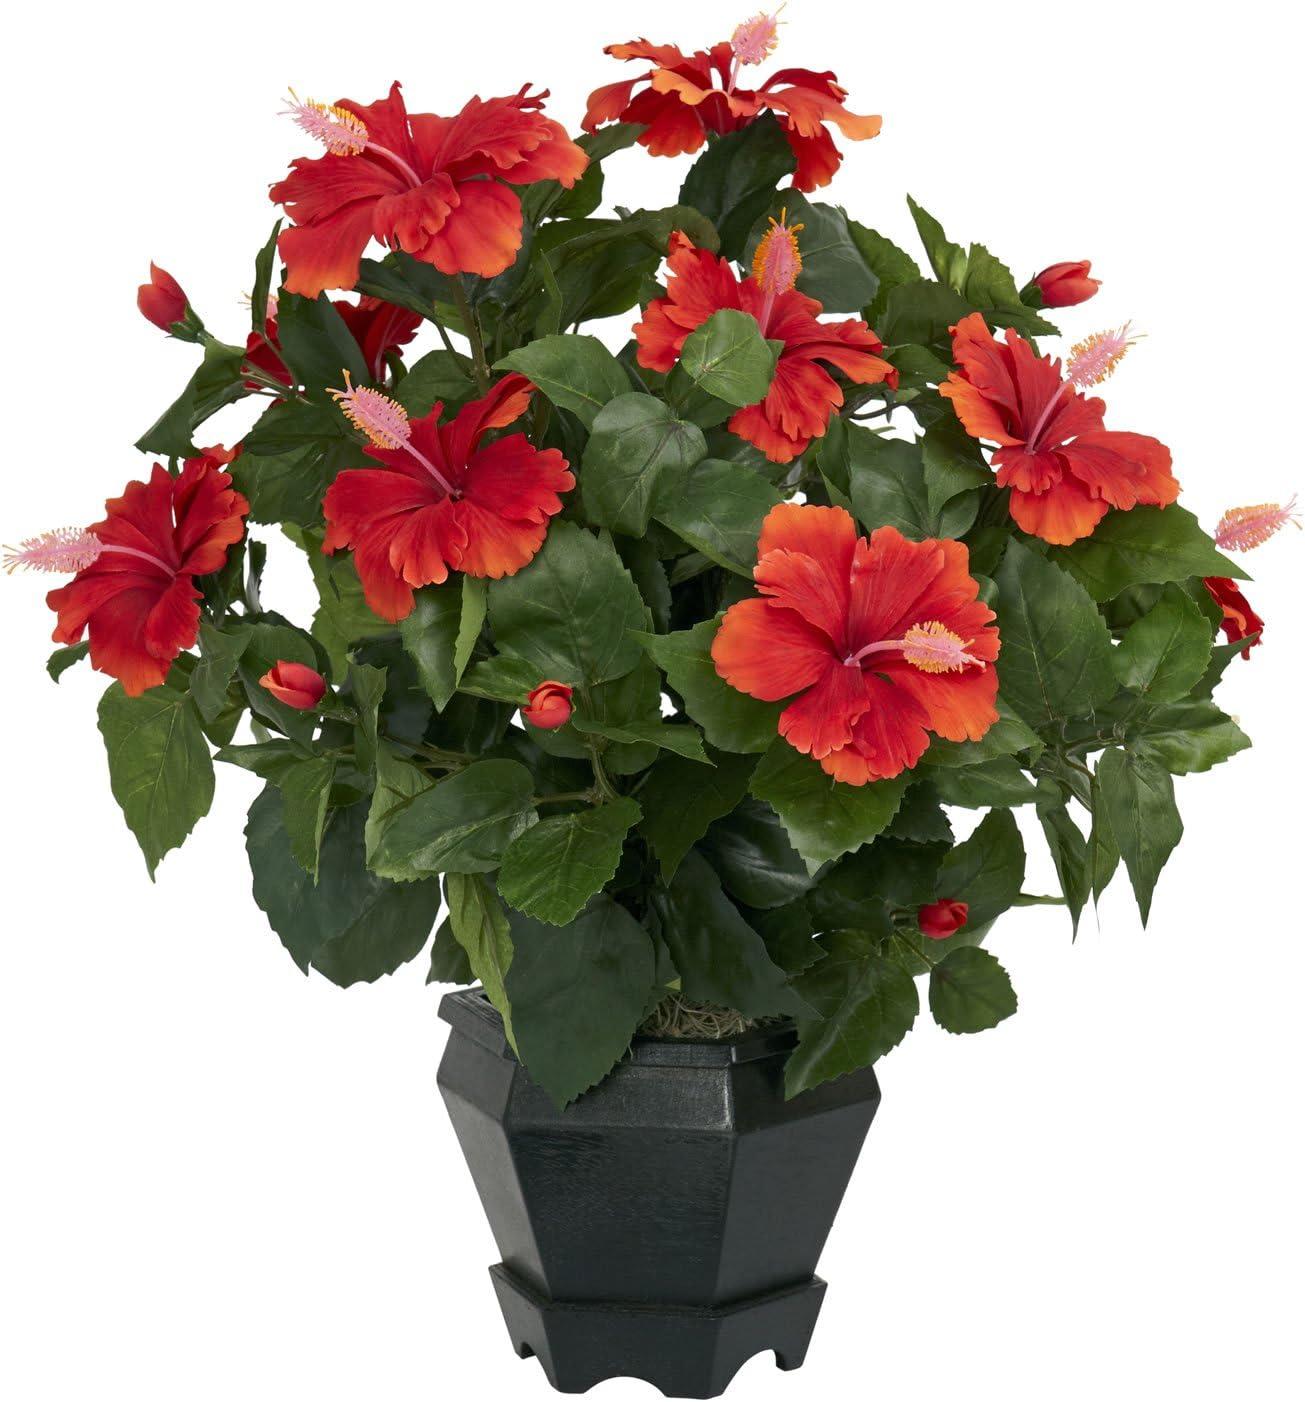 Hibiscus artificial plant